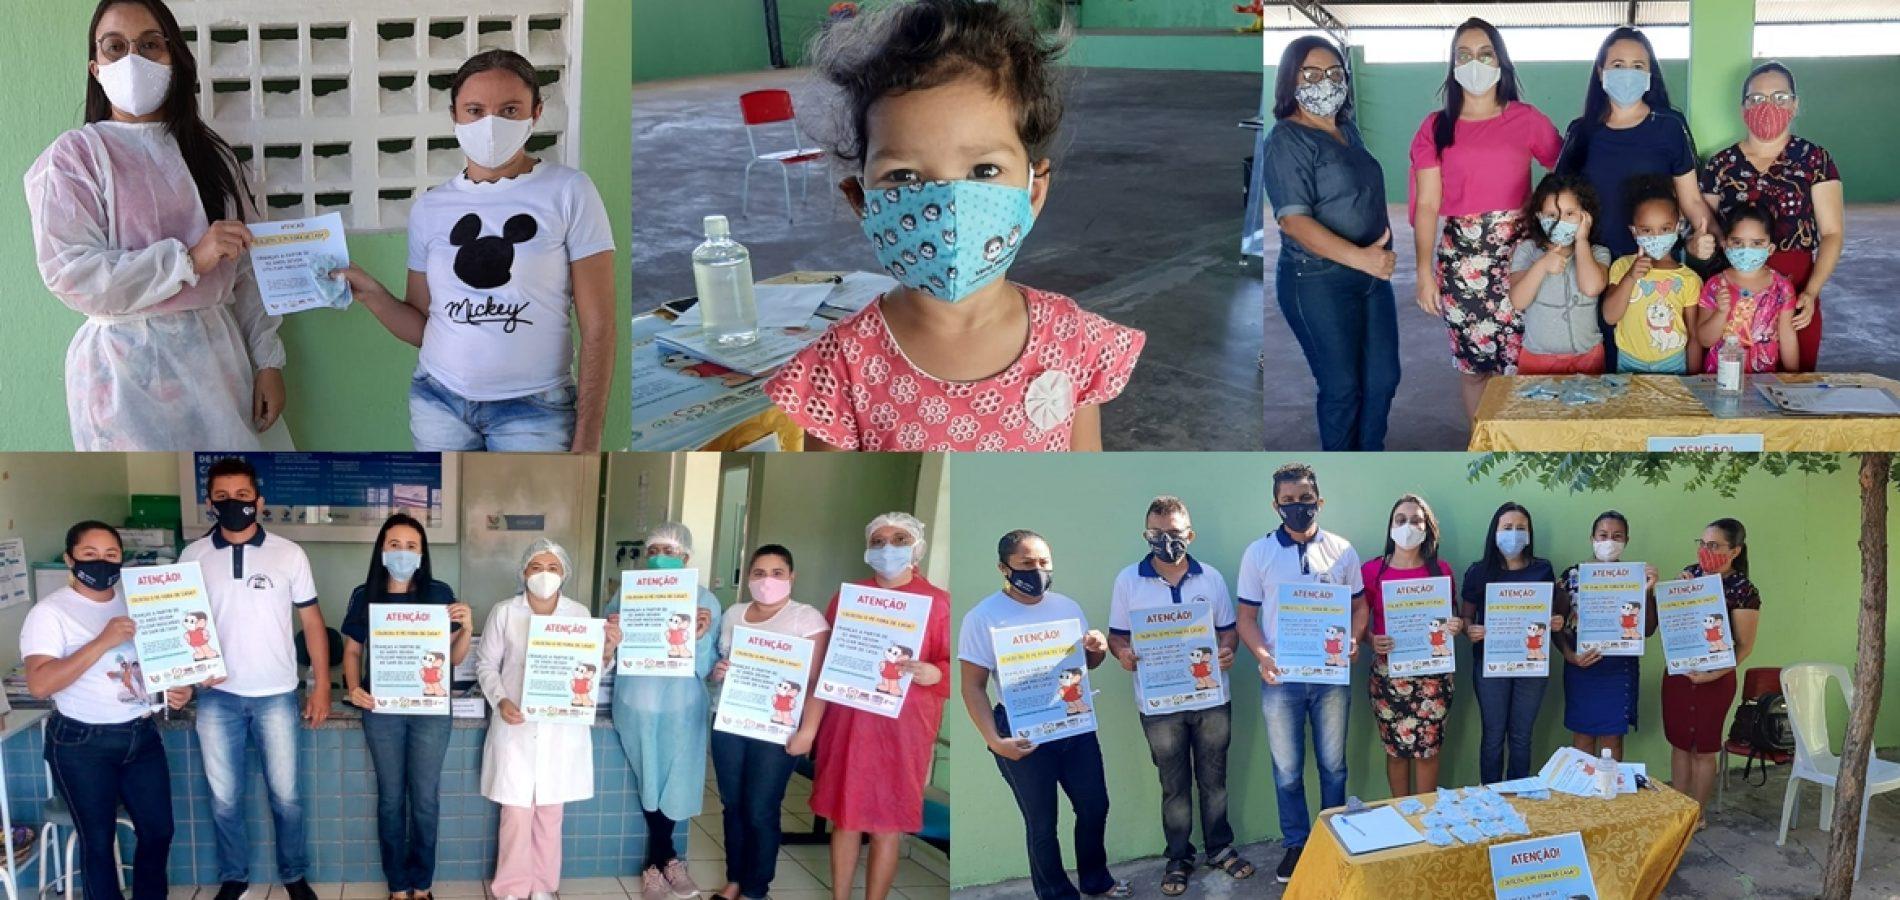 Prefeitura de Vera Mendes distribui máscaras para alunos da Educação Infantil e mobiliza para ouso